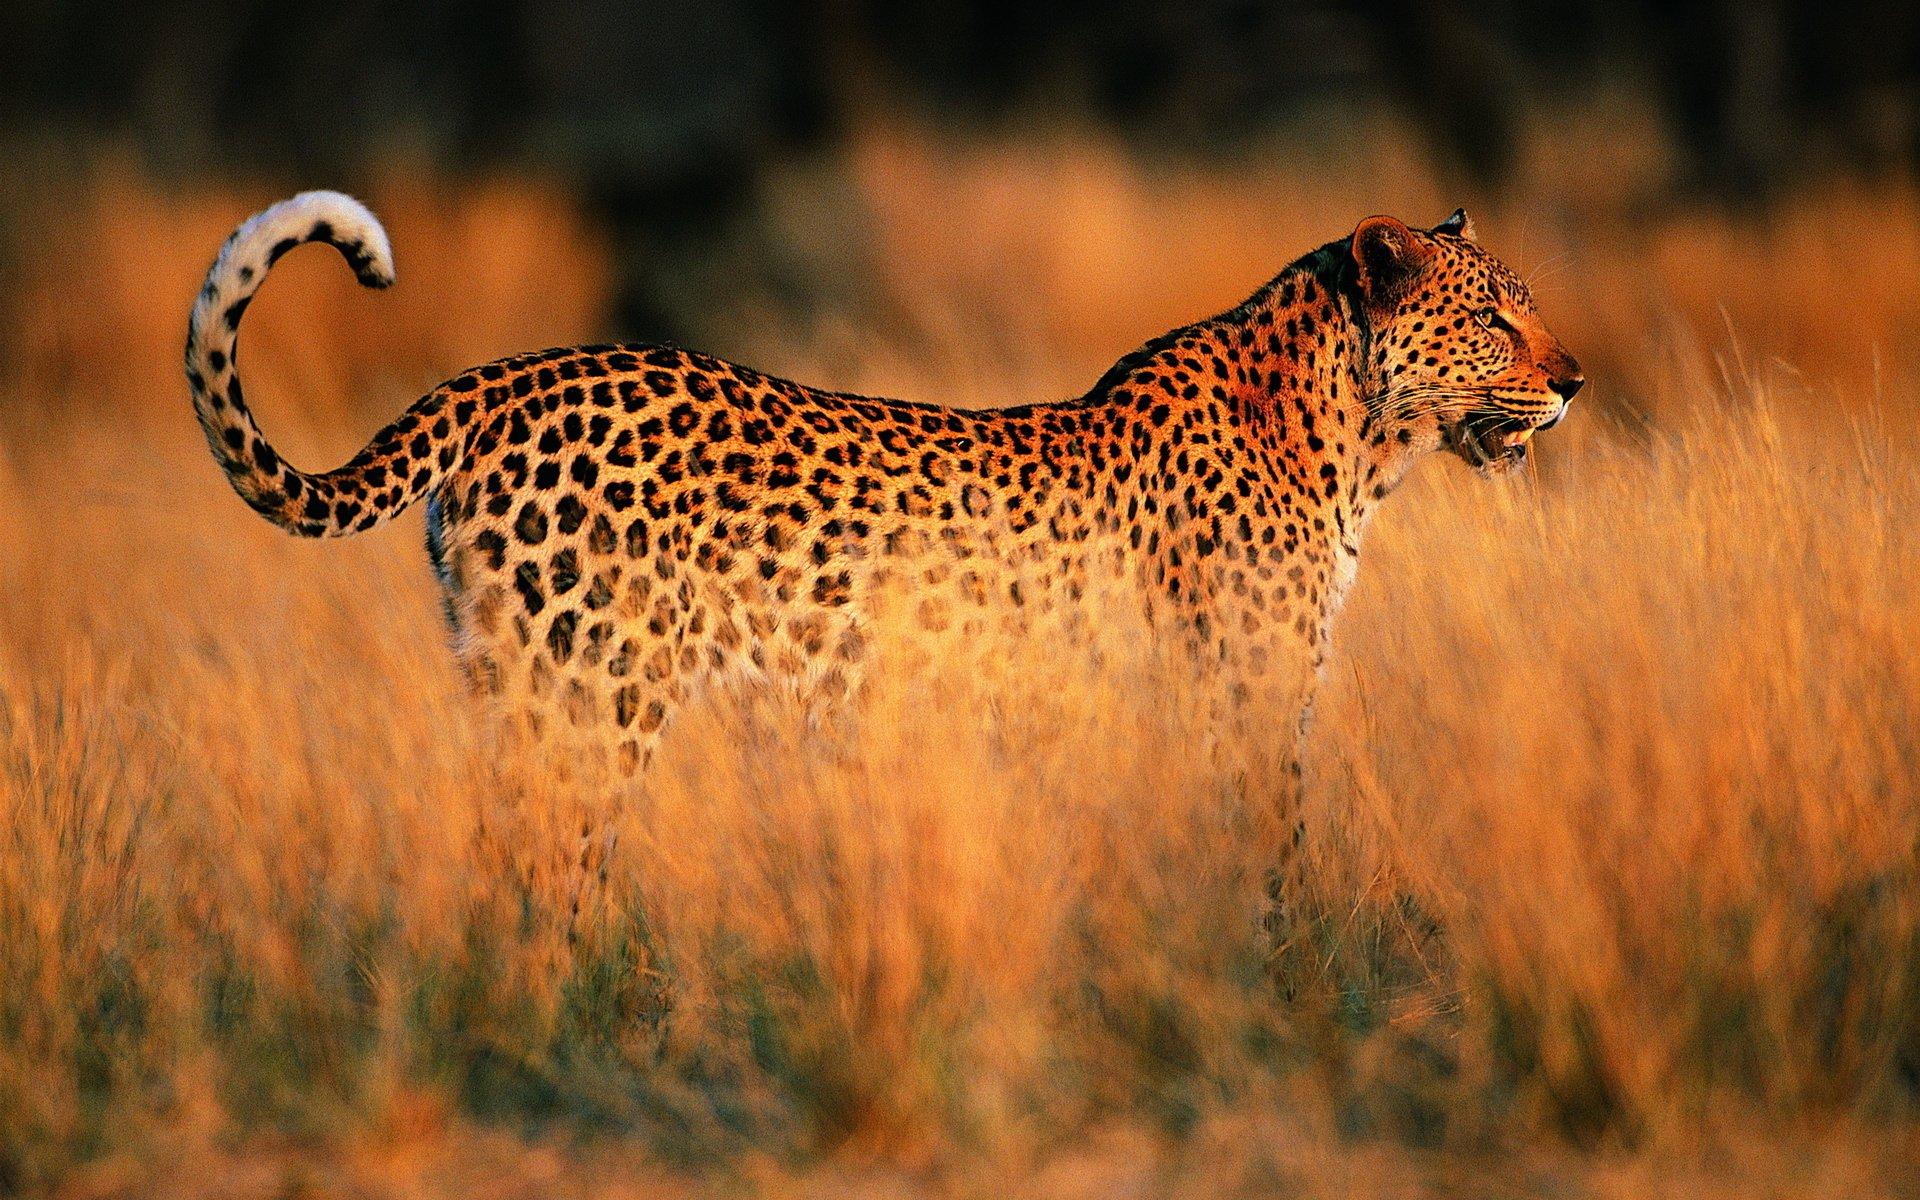 Обои на дереве, отдых, дикая кошка, леопард, африка, Хищник, лежит. Животные foto 16